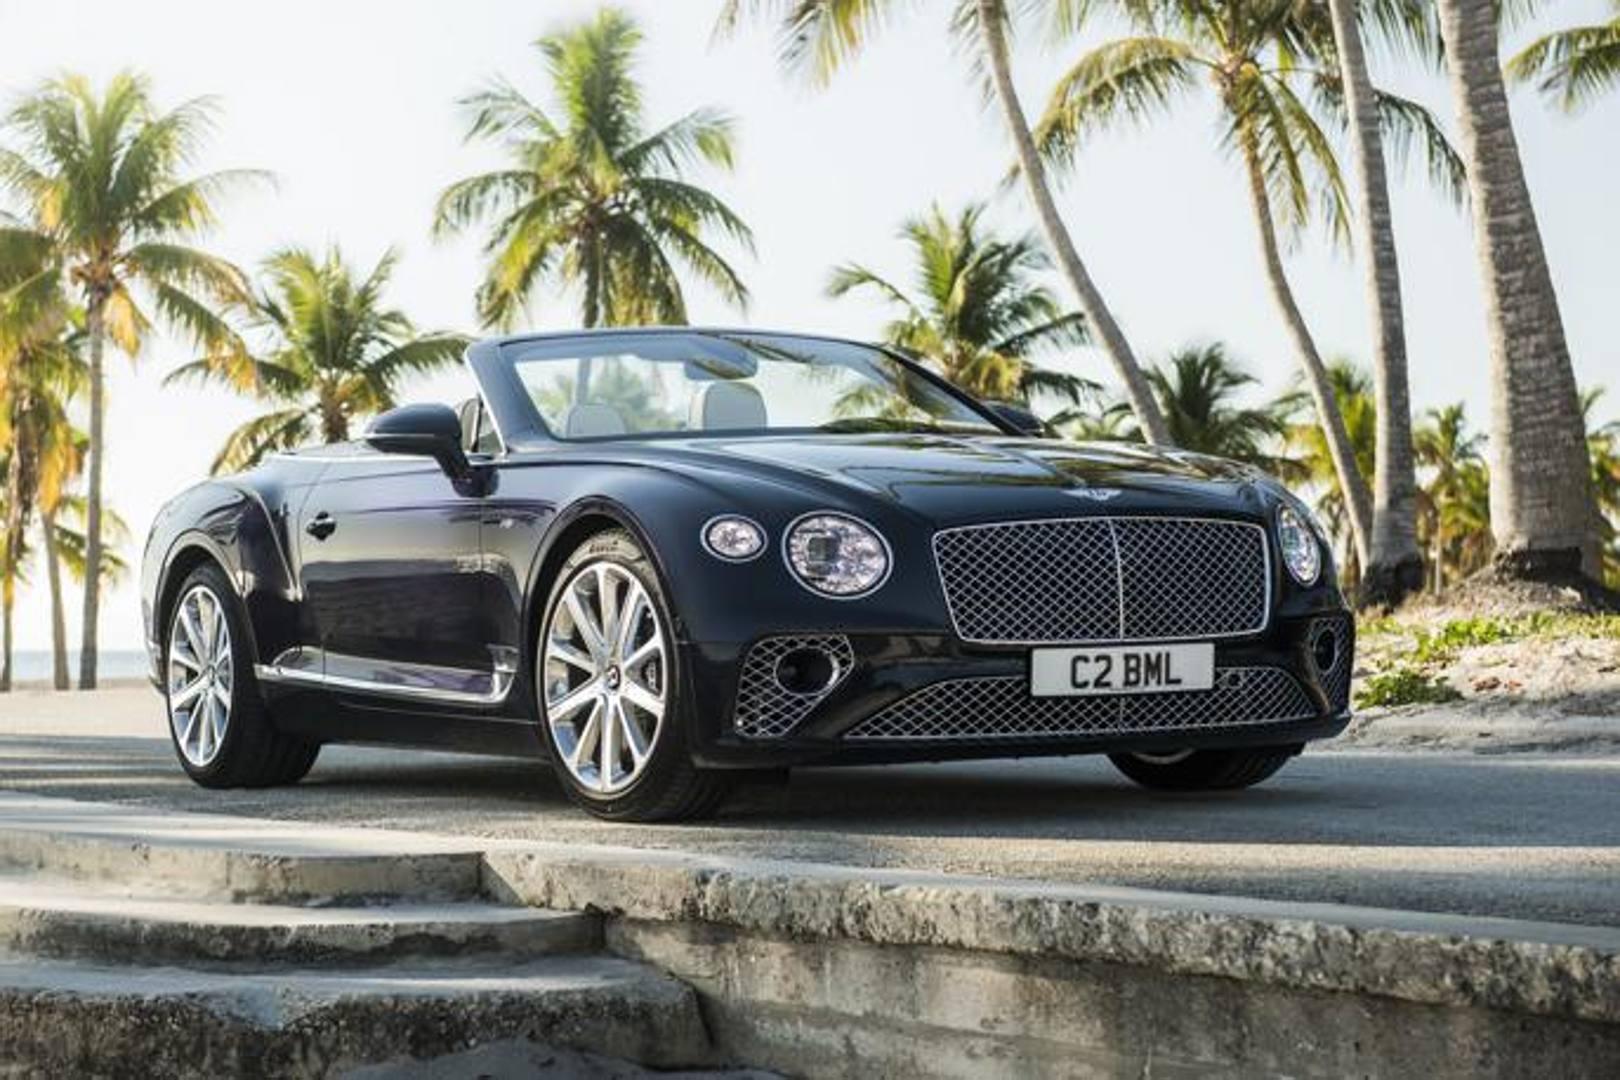 Alla terza generazione si rinnova la Bentley Continentale GT con l'inedito V8 biturbo da 4 litri